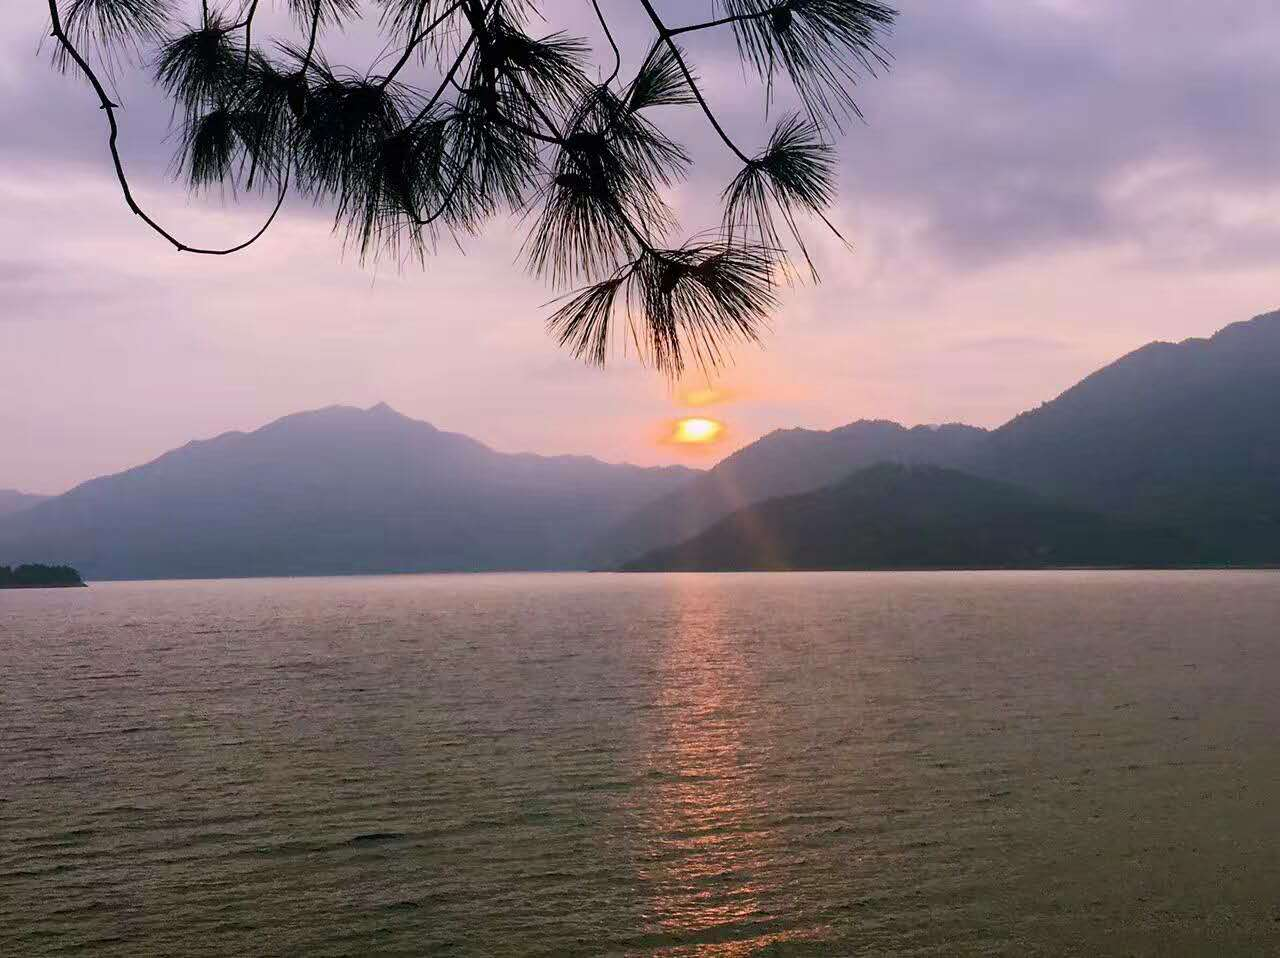 寻美景--- 秋游郴州凤凰岛景区深秋,总是有一种对美事物的向往和追寻。毕竟在一个收获的季节里,伴随的感受,总是有那么一点享受的奢靡在萌生。收拾行李,带上我的小公主,小手牵大手,出发当来到白廊乡东江湖国家湿地公园后才知道东江湖的面积之大。这里以山水交融的东江湖为主体,是集旅游观光、休闲度假、康体疗养的湖岛型旅游区,总面积达200平方公里,融山的隽秀、水的神韵于一体,挟南国秀色,被誉为人间天上一湖水,万千景象在其中。碧波清粼的湖面星罗棋布地镶嵌着数十个岛屿,展现出了好一派湖光山